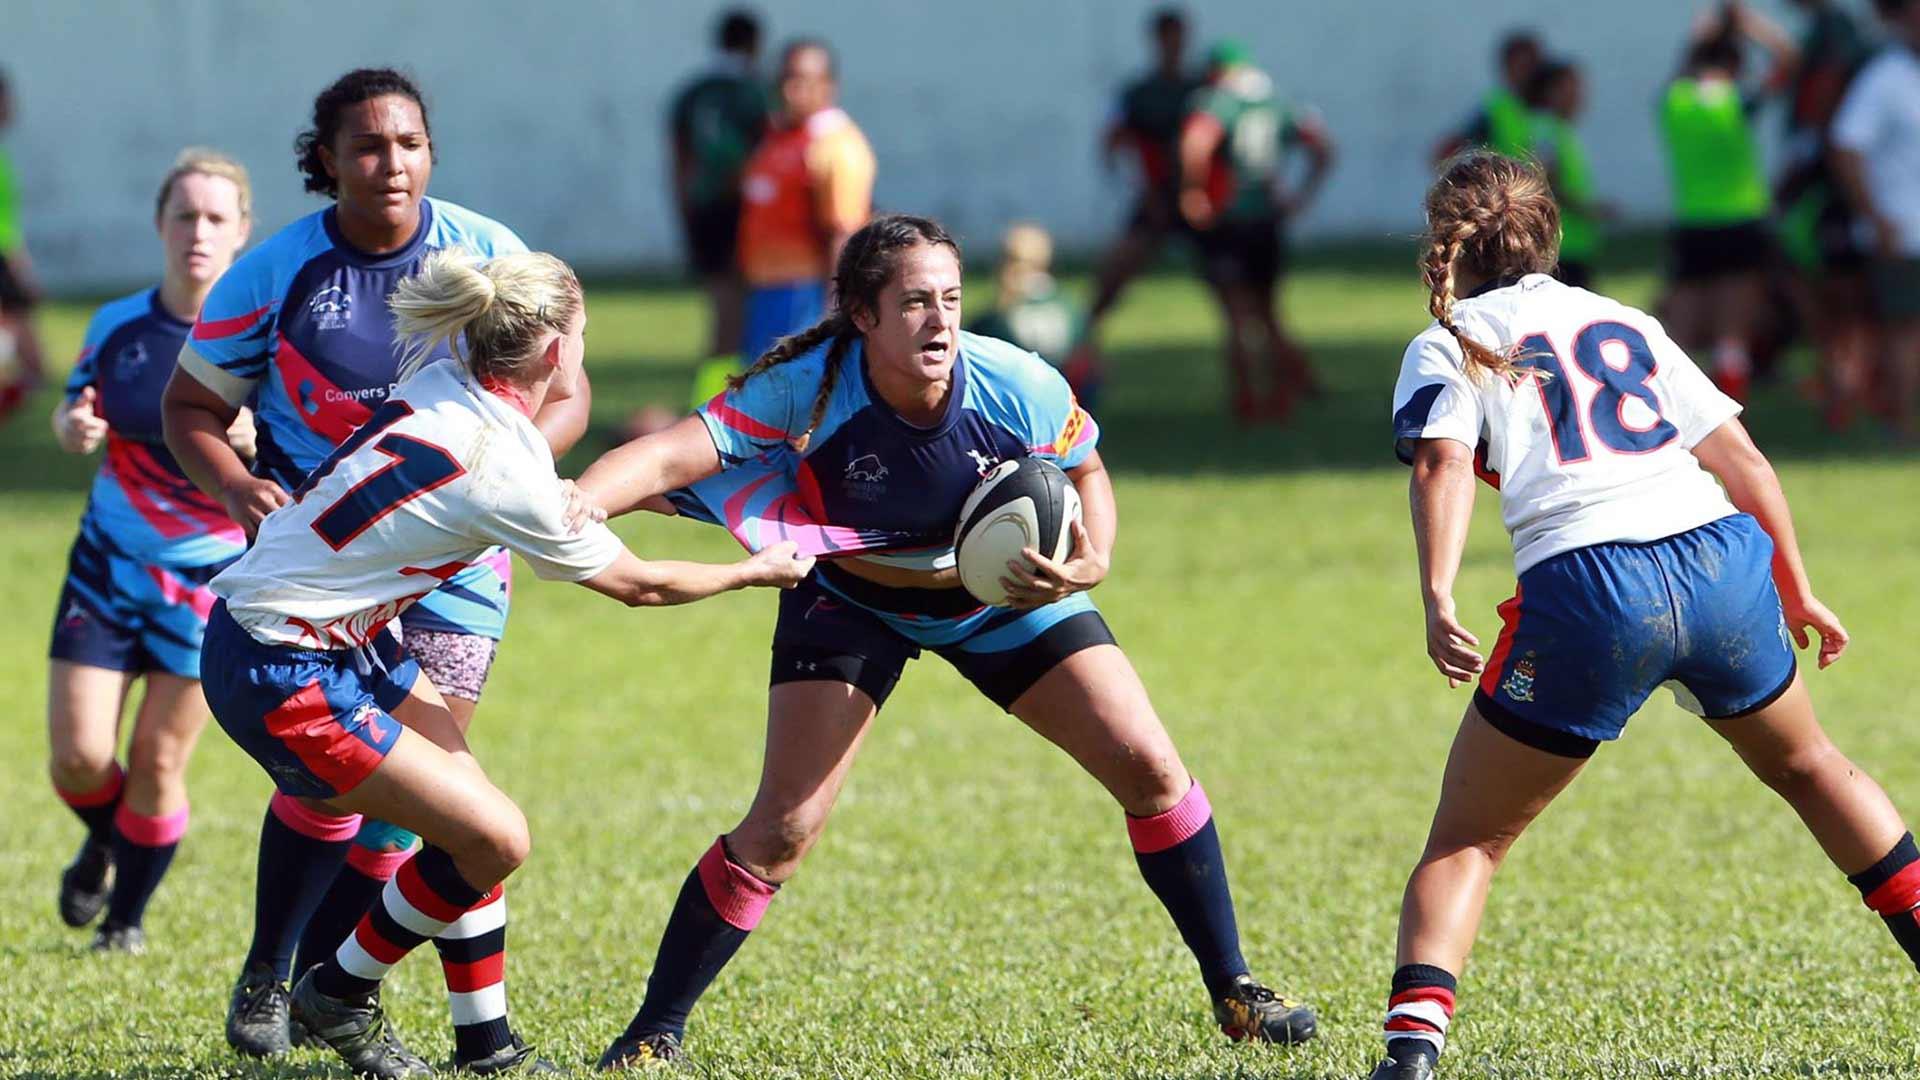 Bermuda Rugby Football Union